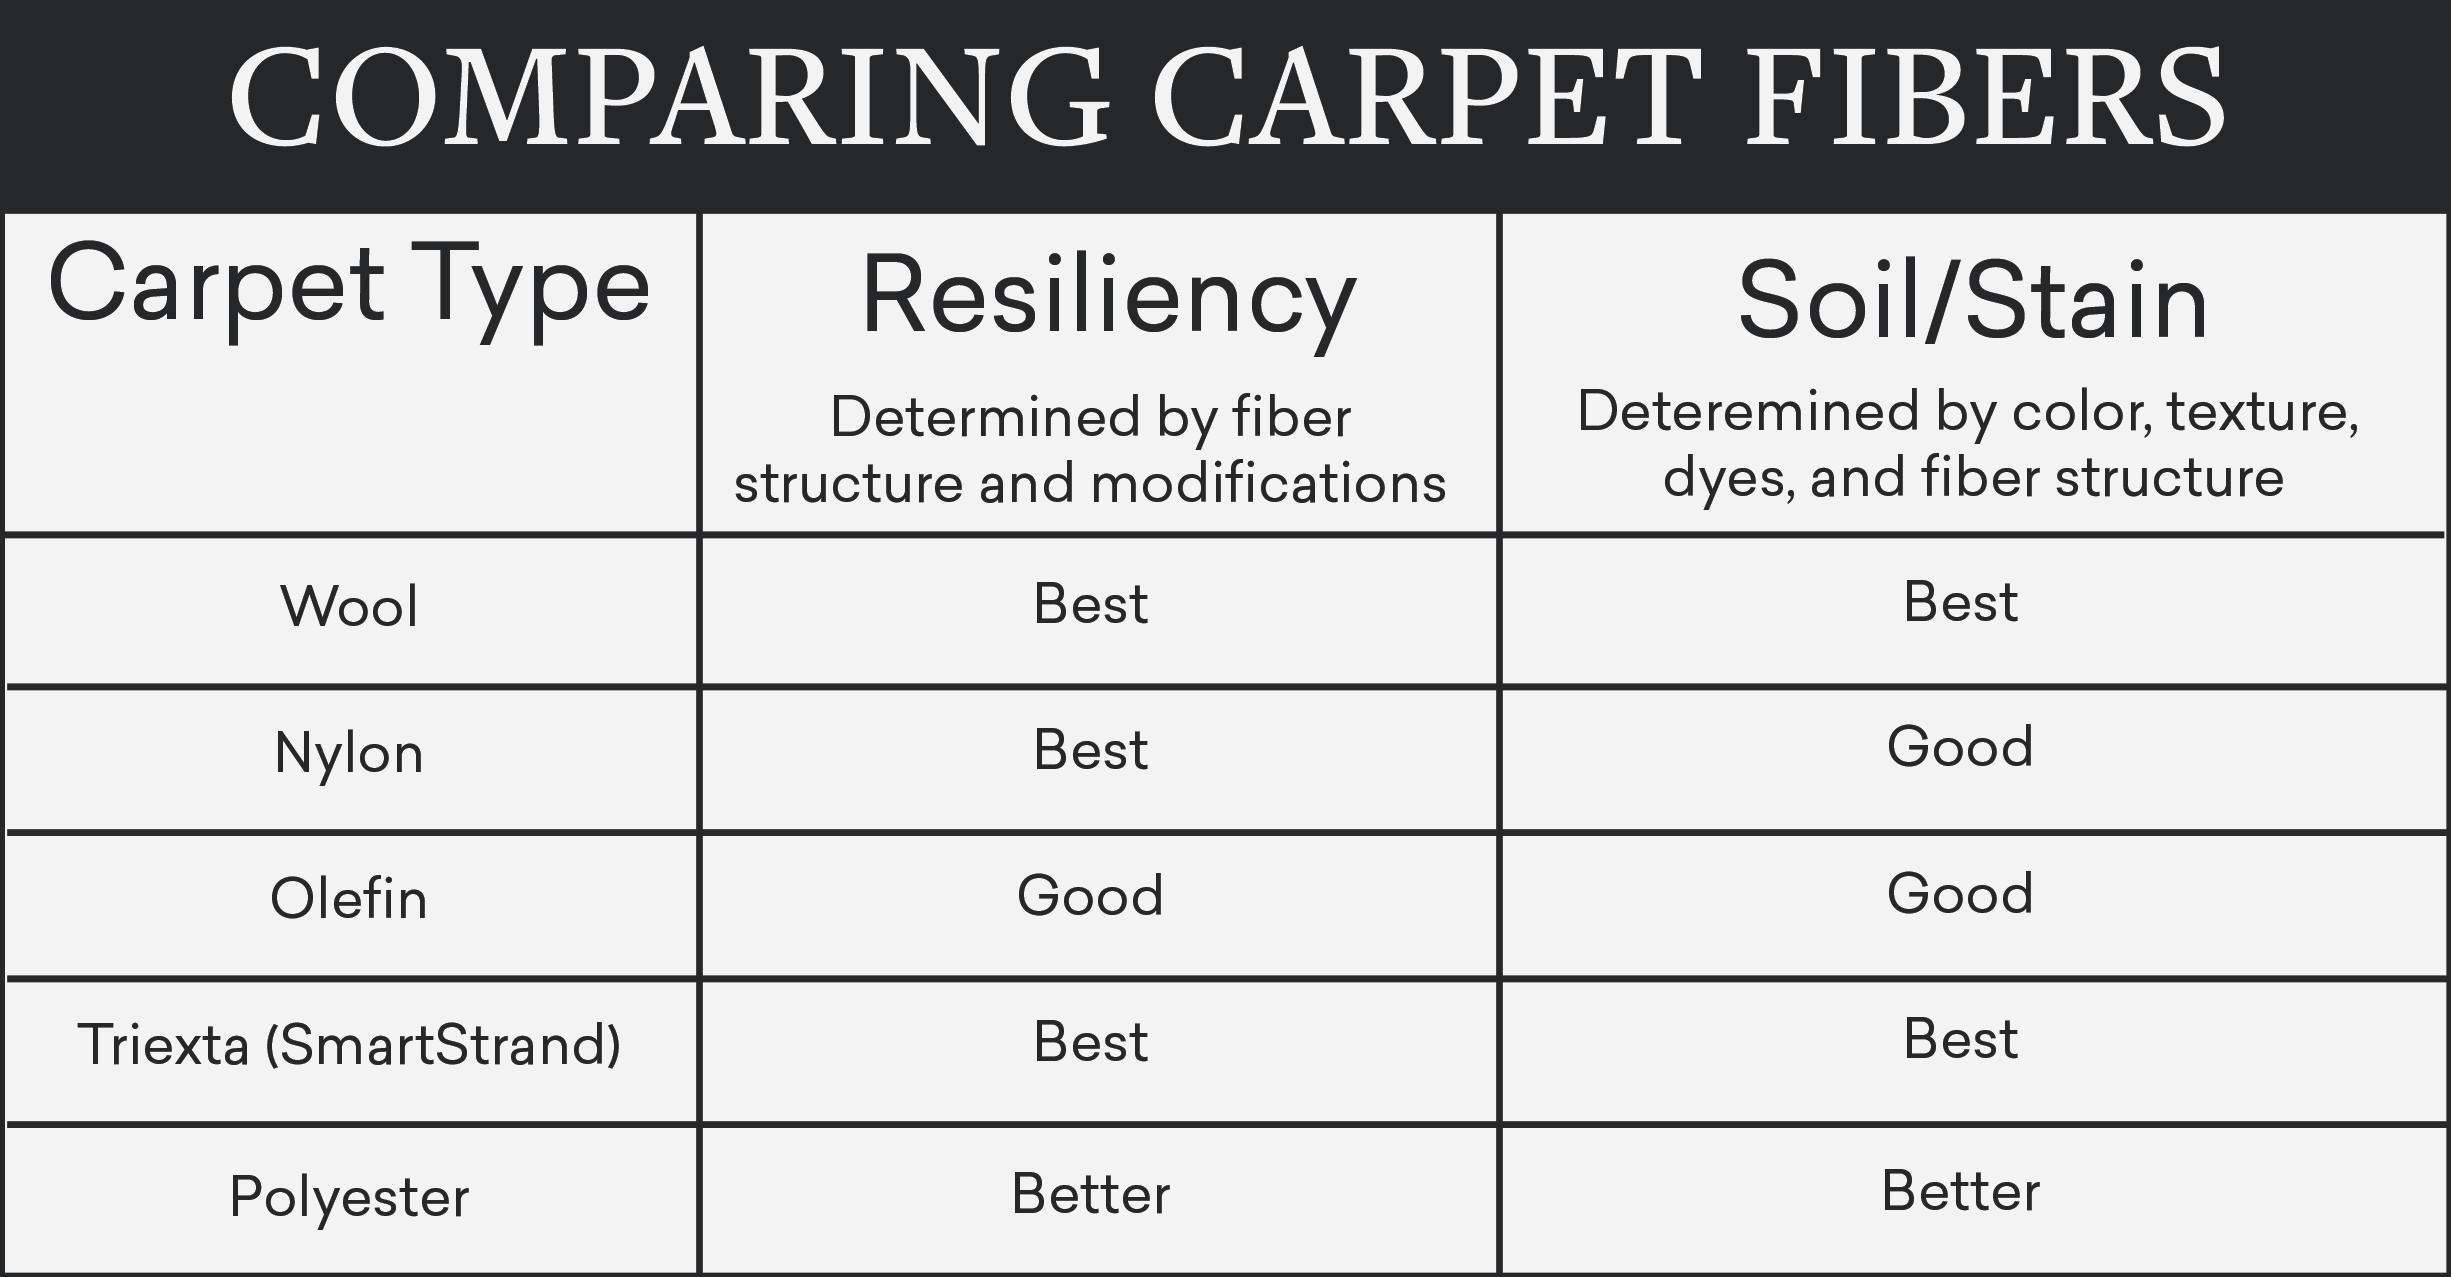 Mouery's Flooring carpet comparison chart